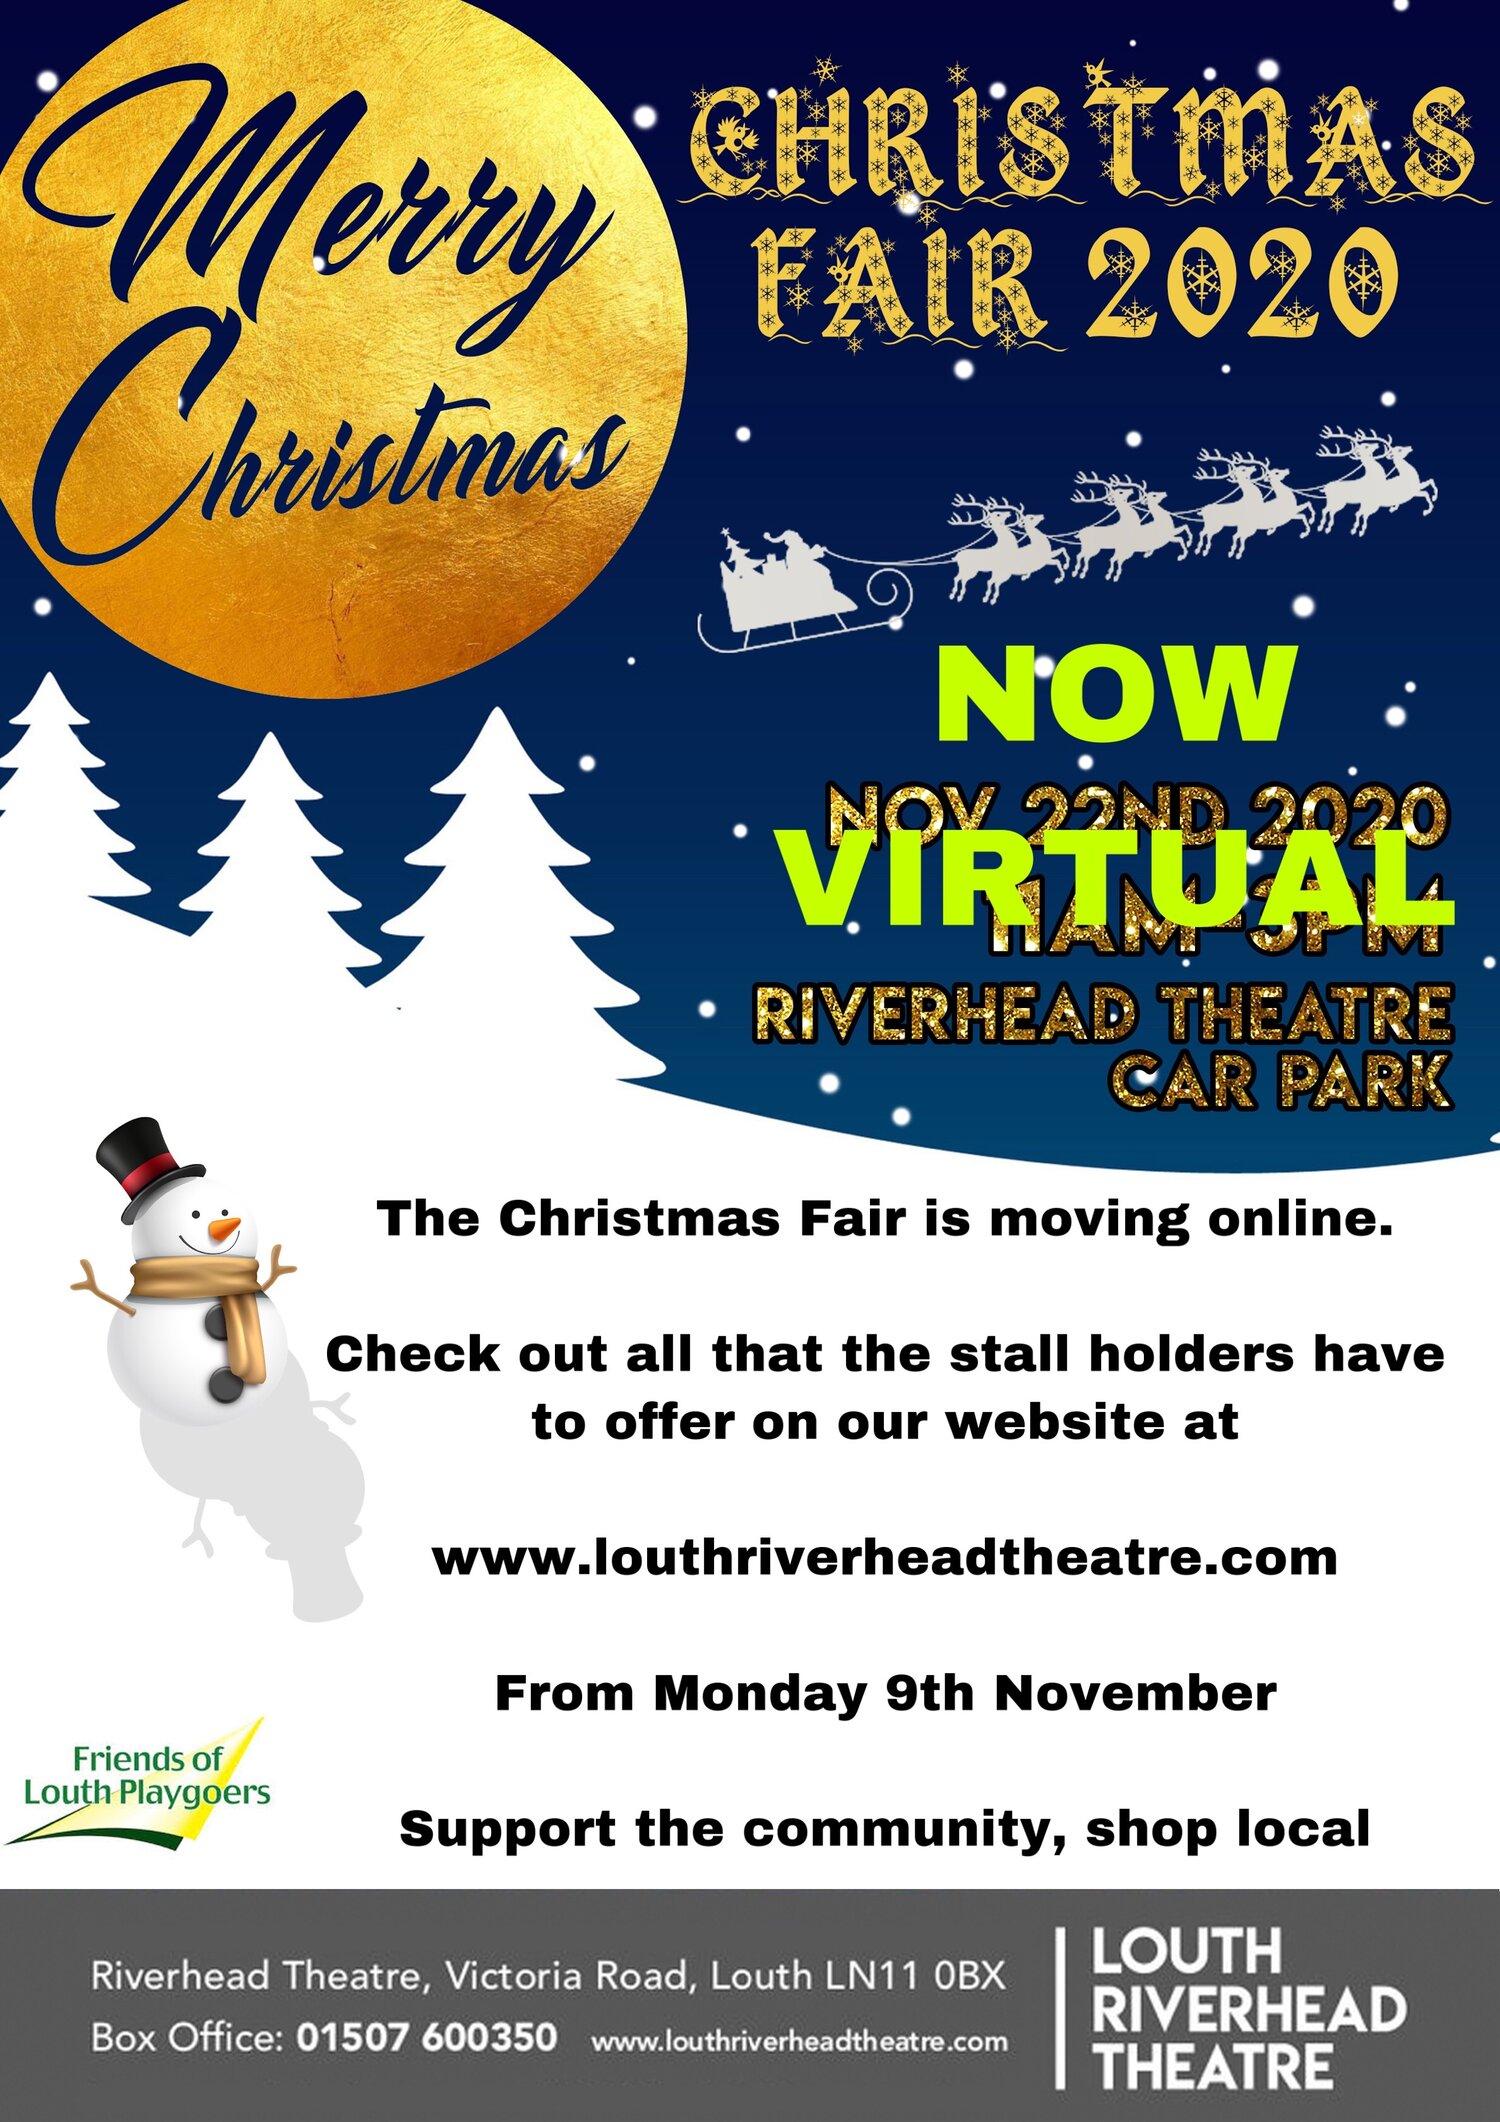 Louth Christmas Market Parking 2020 Virtual Christmas Fair 2020 — Louth Riverhead Theatre